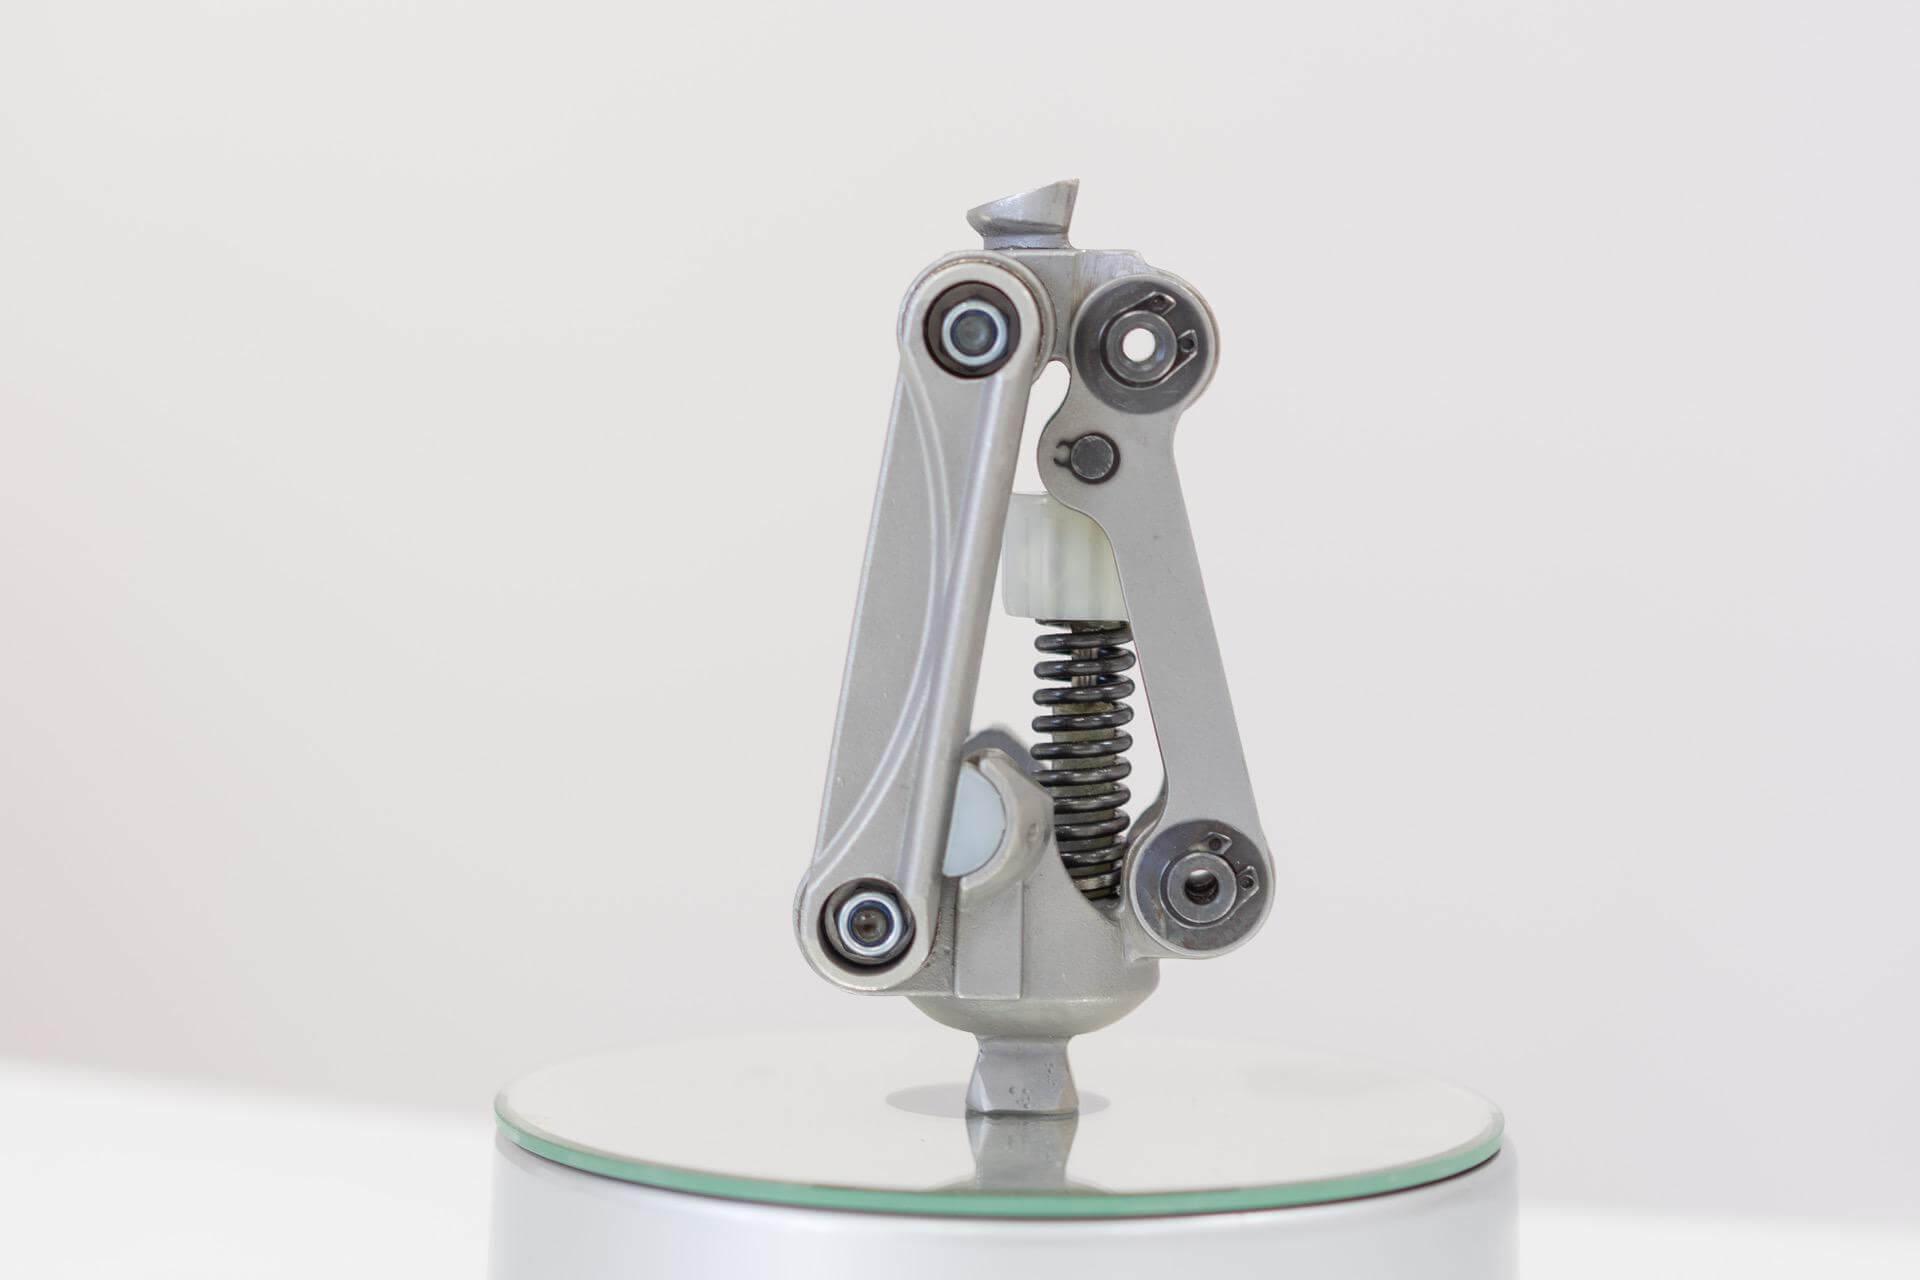 механизъм от протеза за крак - Ортомедикс